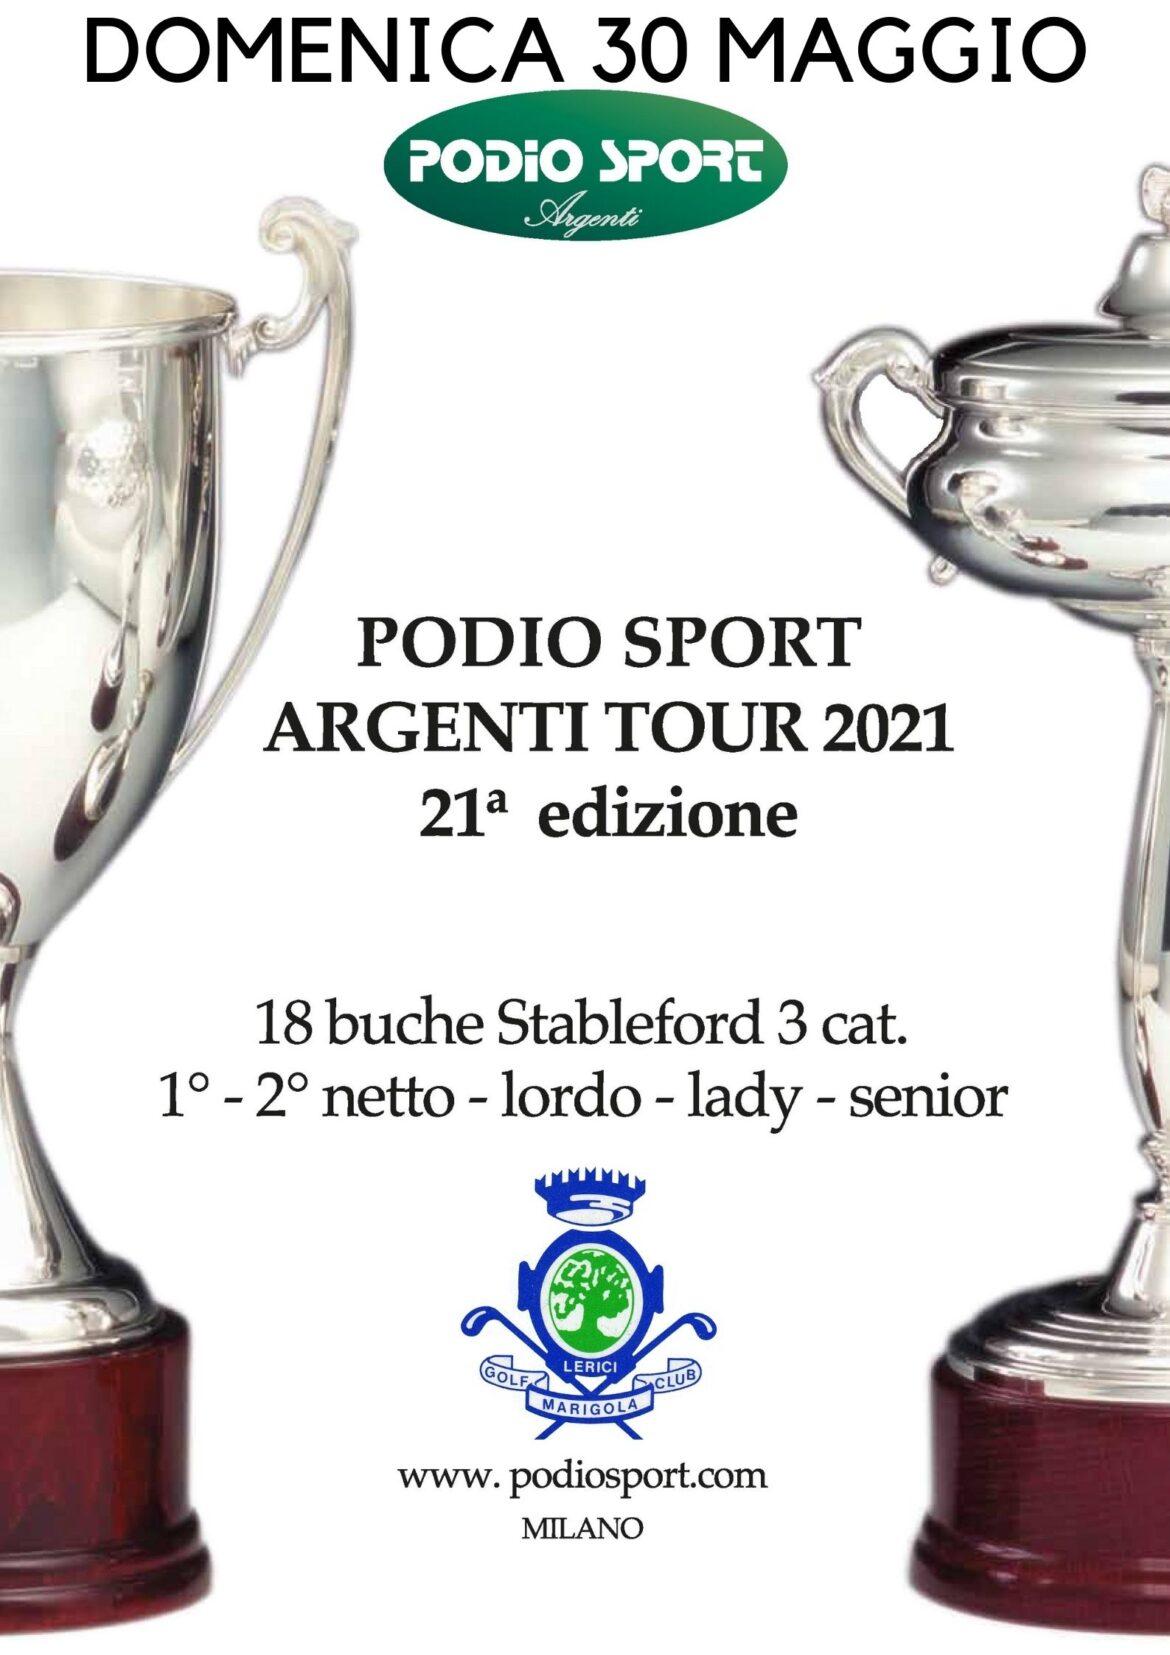 PODIO SPORT ARGENTI TOUR 2021 – 21° EDIZIONE del 30 maggio 2021